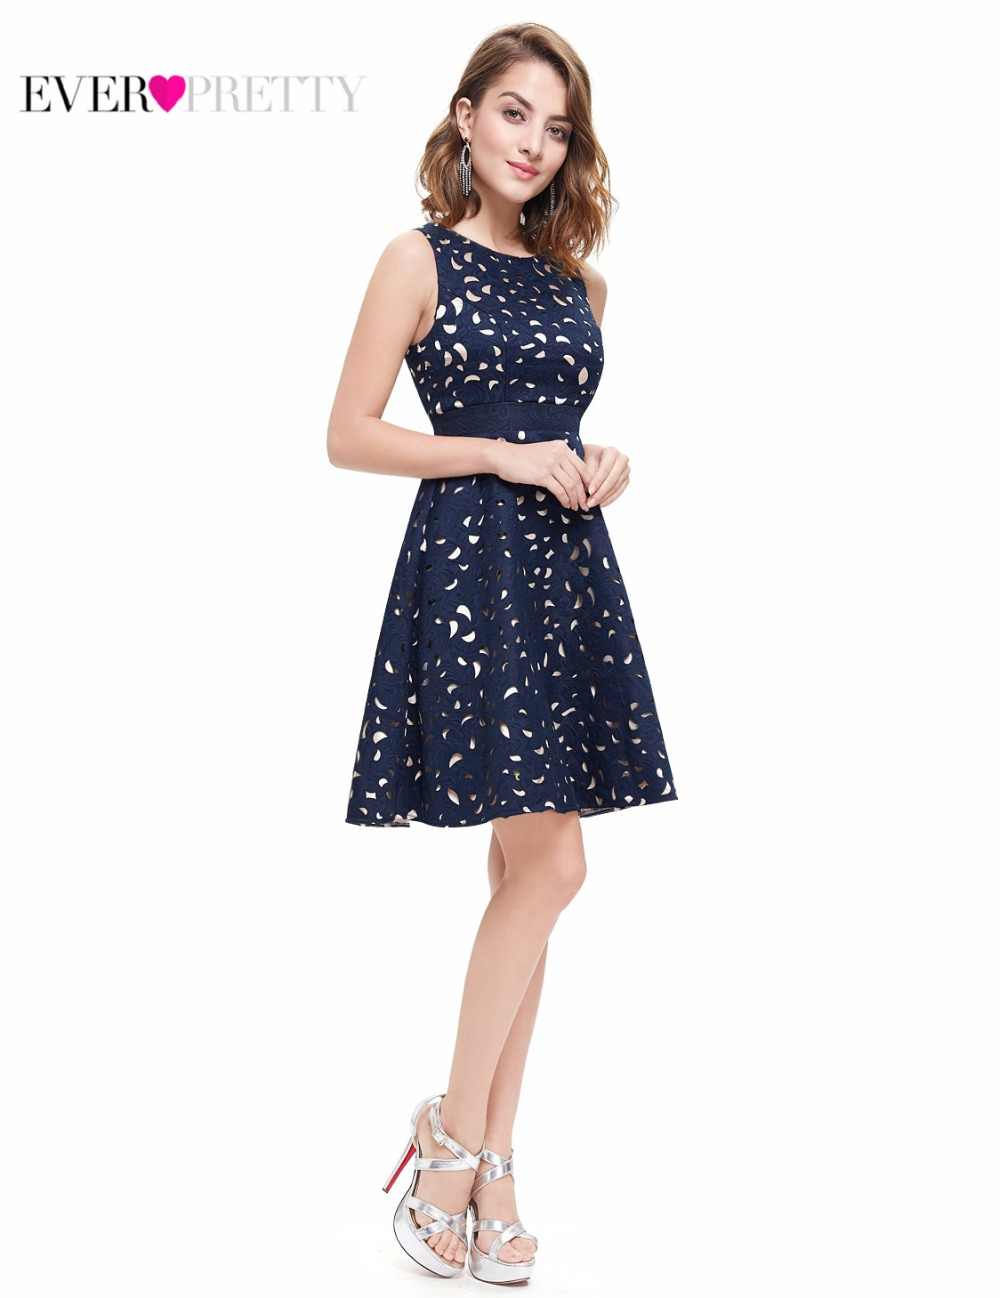 feecc31c495 ...  Распродажа  постоянно довольно элегантные коктейльные платья EP05432  контраст Цвет трапециевидной формы без рукавов с ...